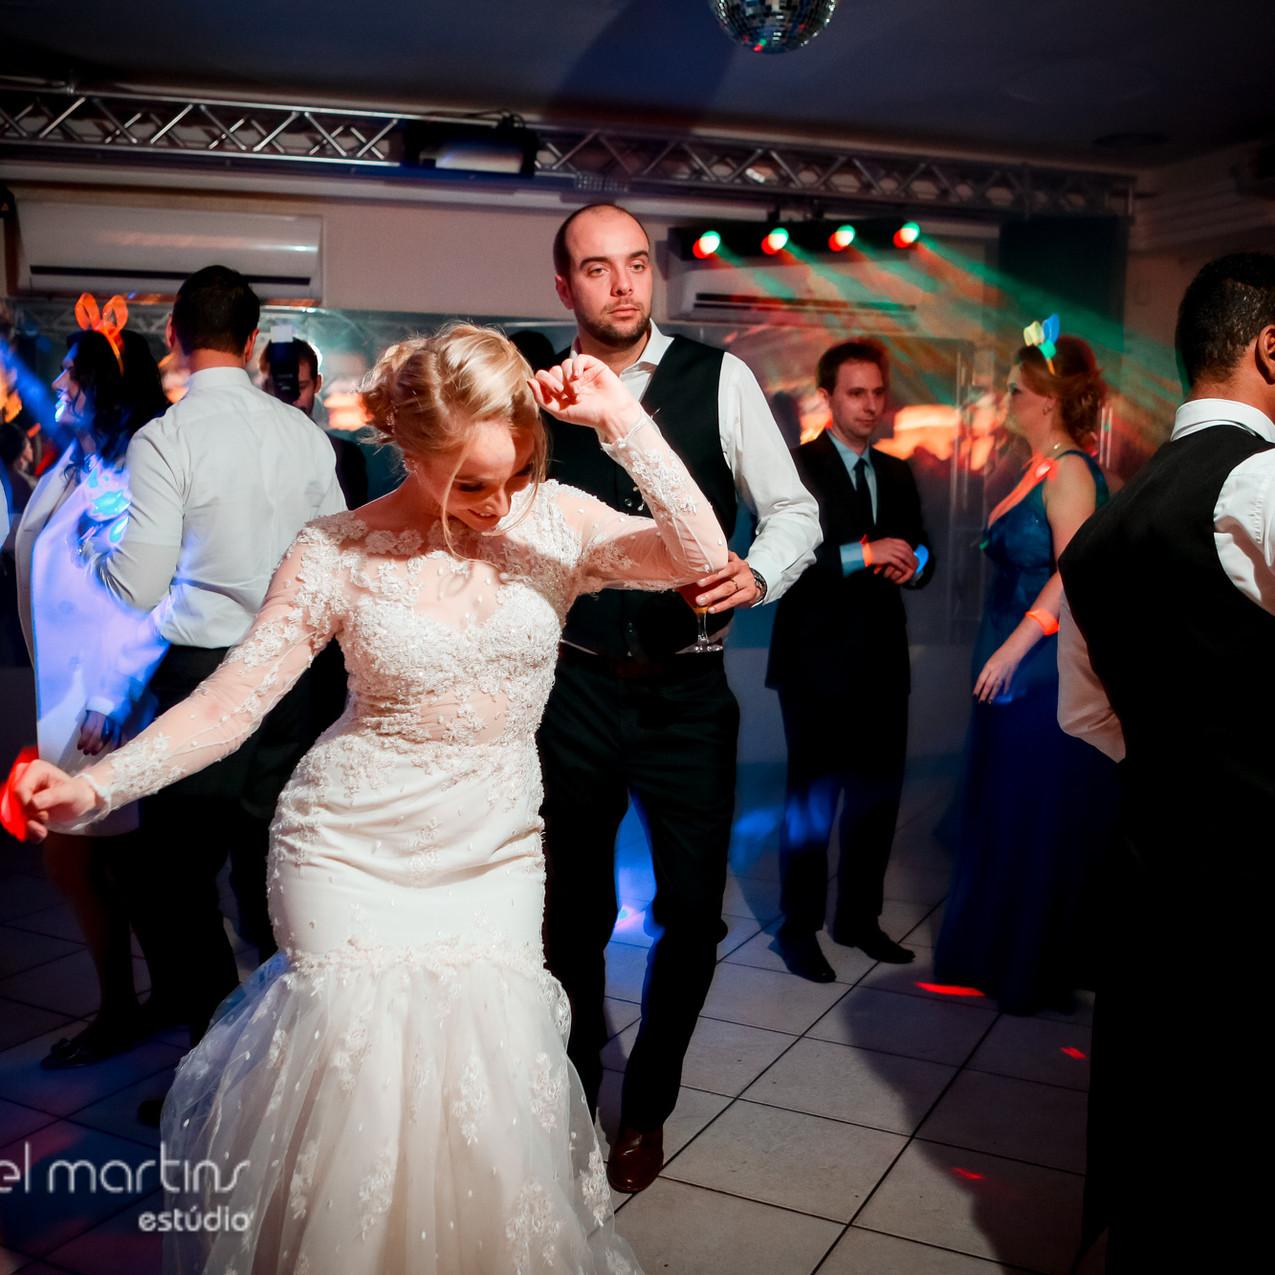 BeR-1270-fotografo-casamento-wedding-gotadagua-rustico-brunaeraul-boho-diy-portoalegre-daniel-martins